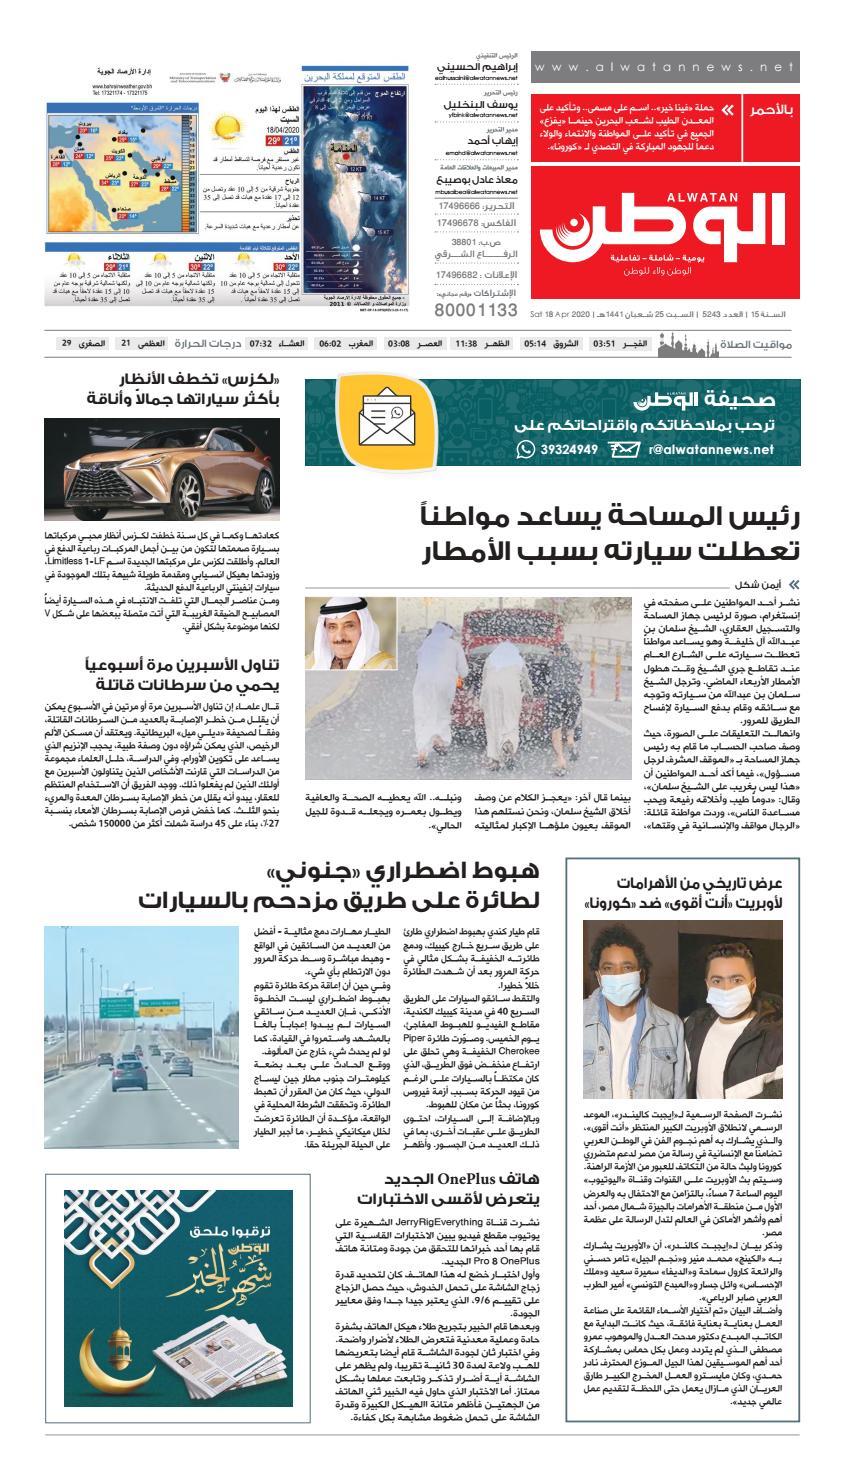 Alwatan 18 APR 2020 by Alwatan_BH - issuu